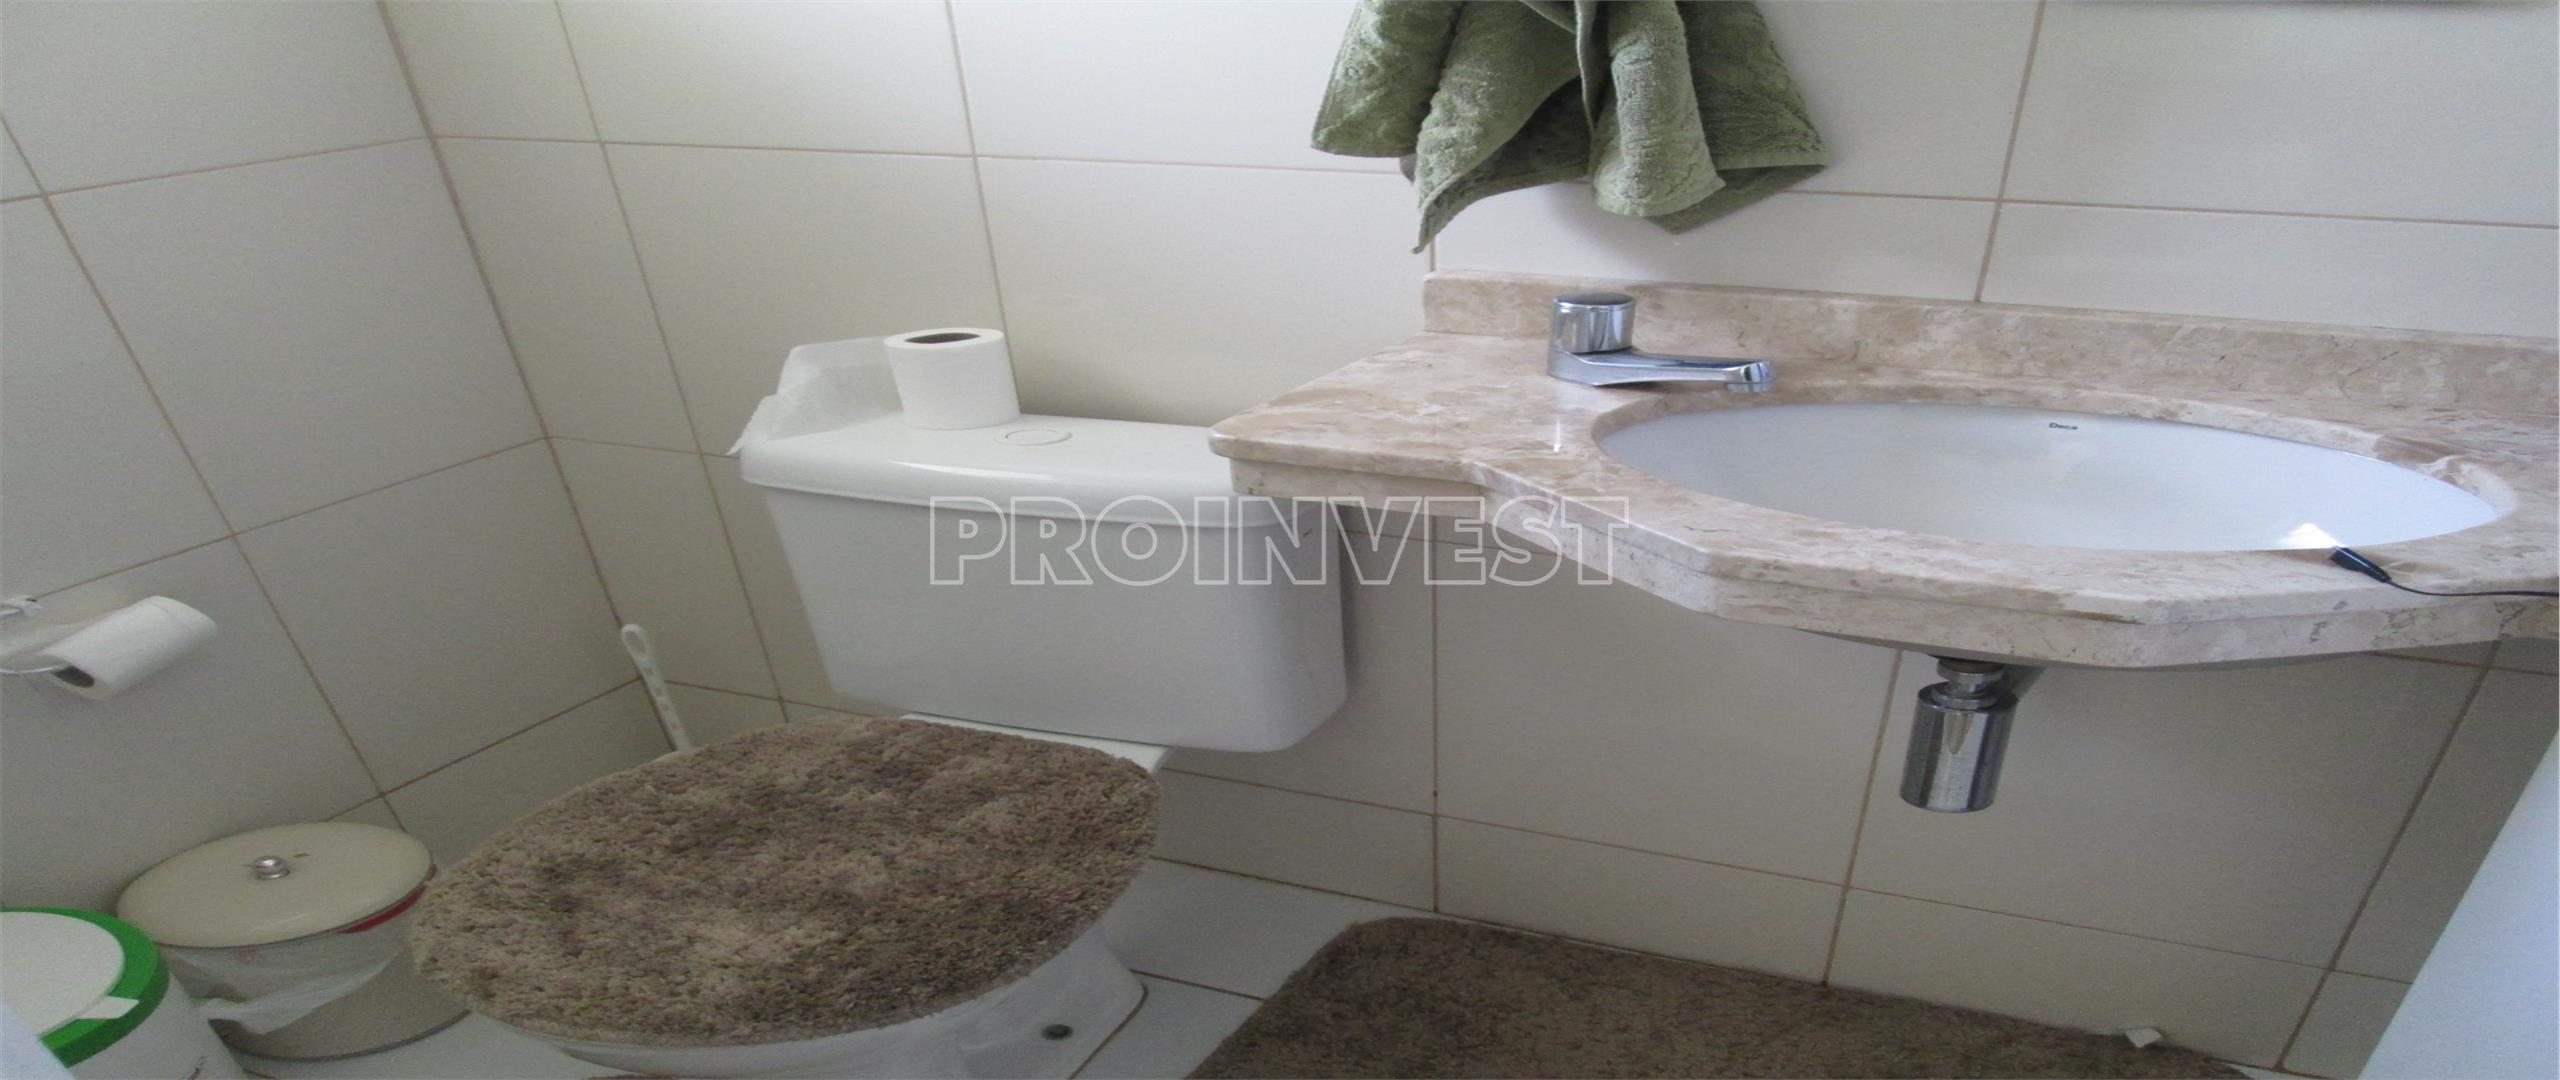 Casa de 3 dormitórios à venda em Remanso I, Vargem Grande Paulista - SP